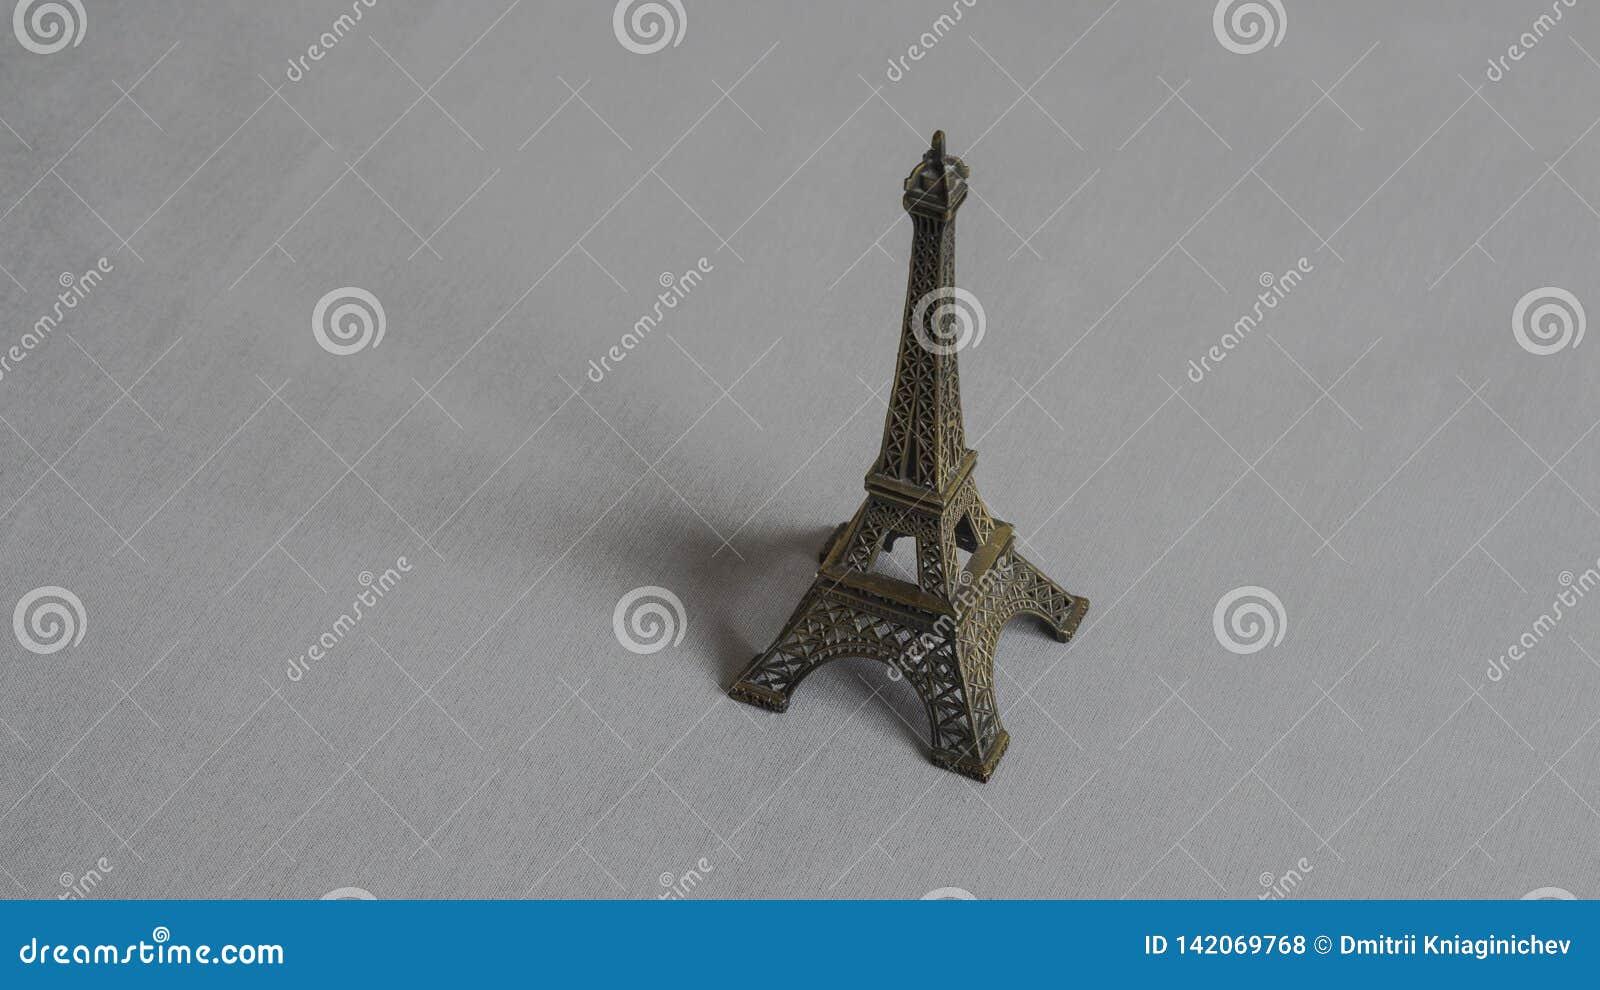 Wieża Eifla na szarym tle - wizerunek